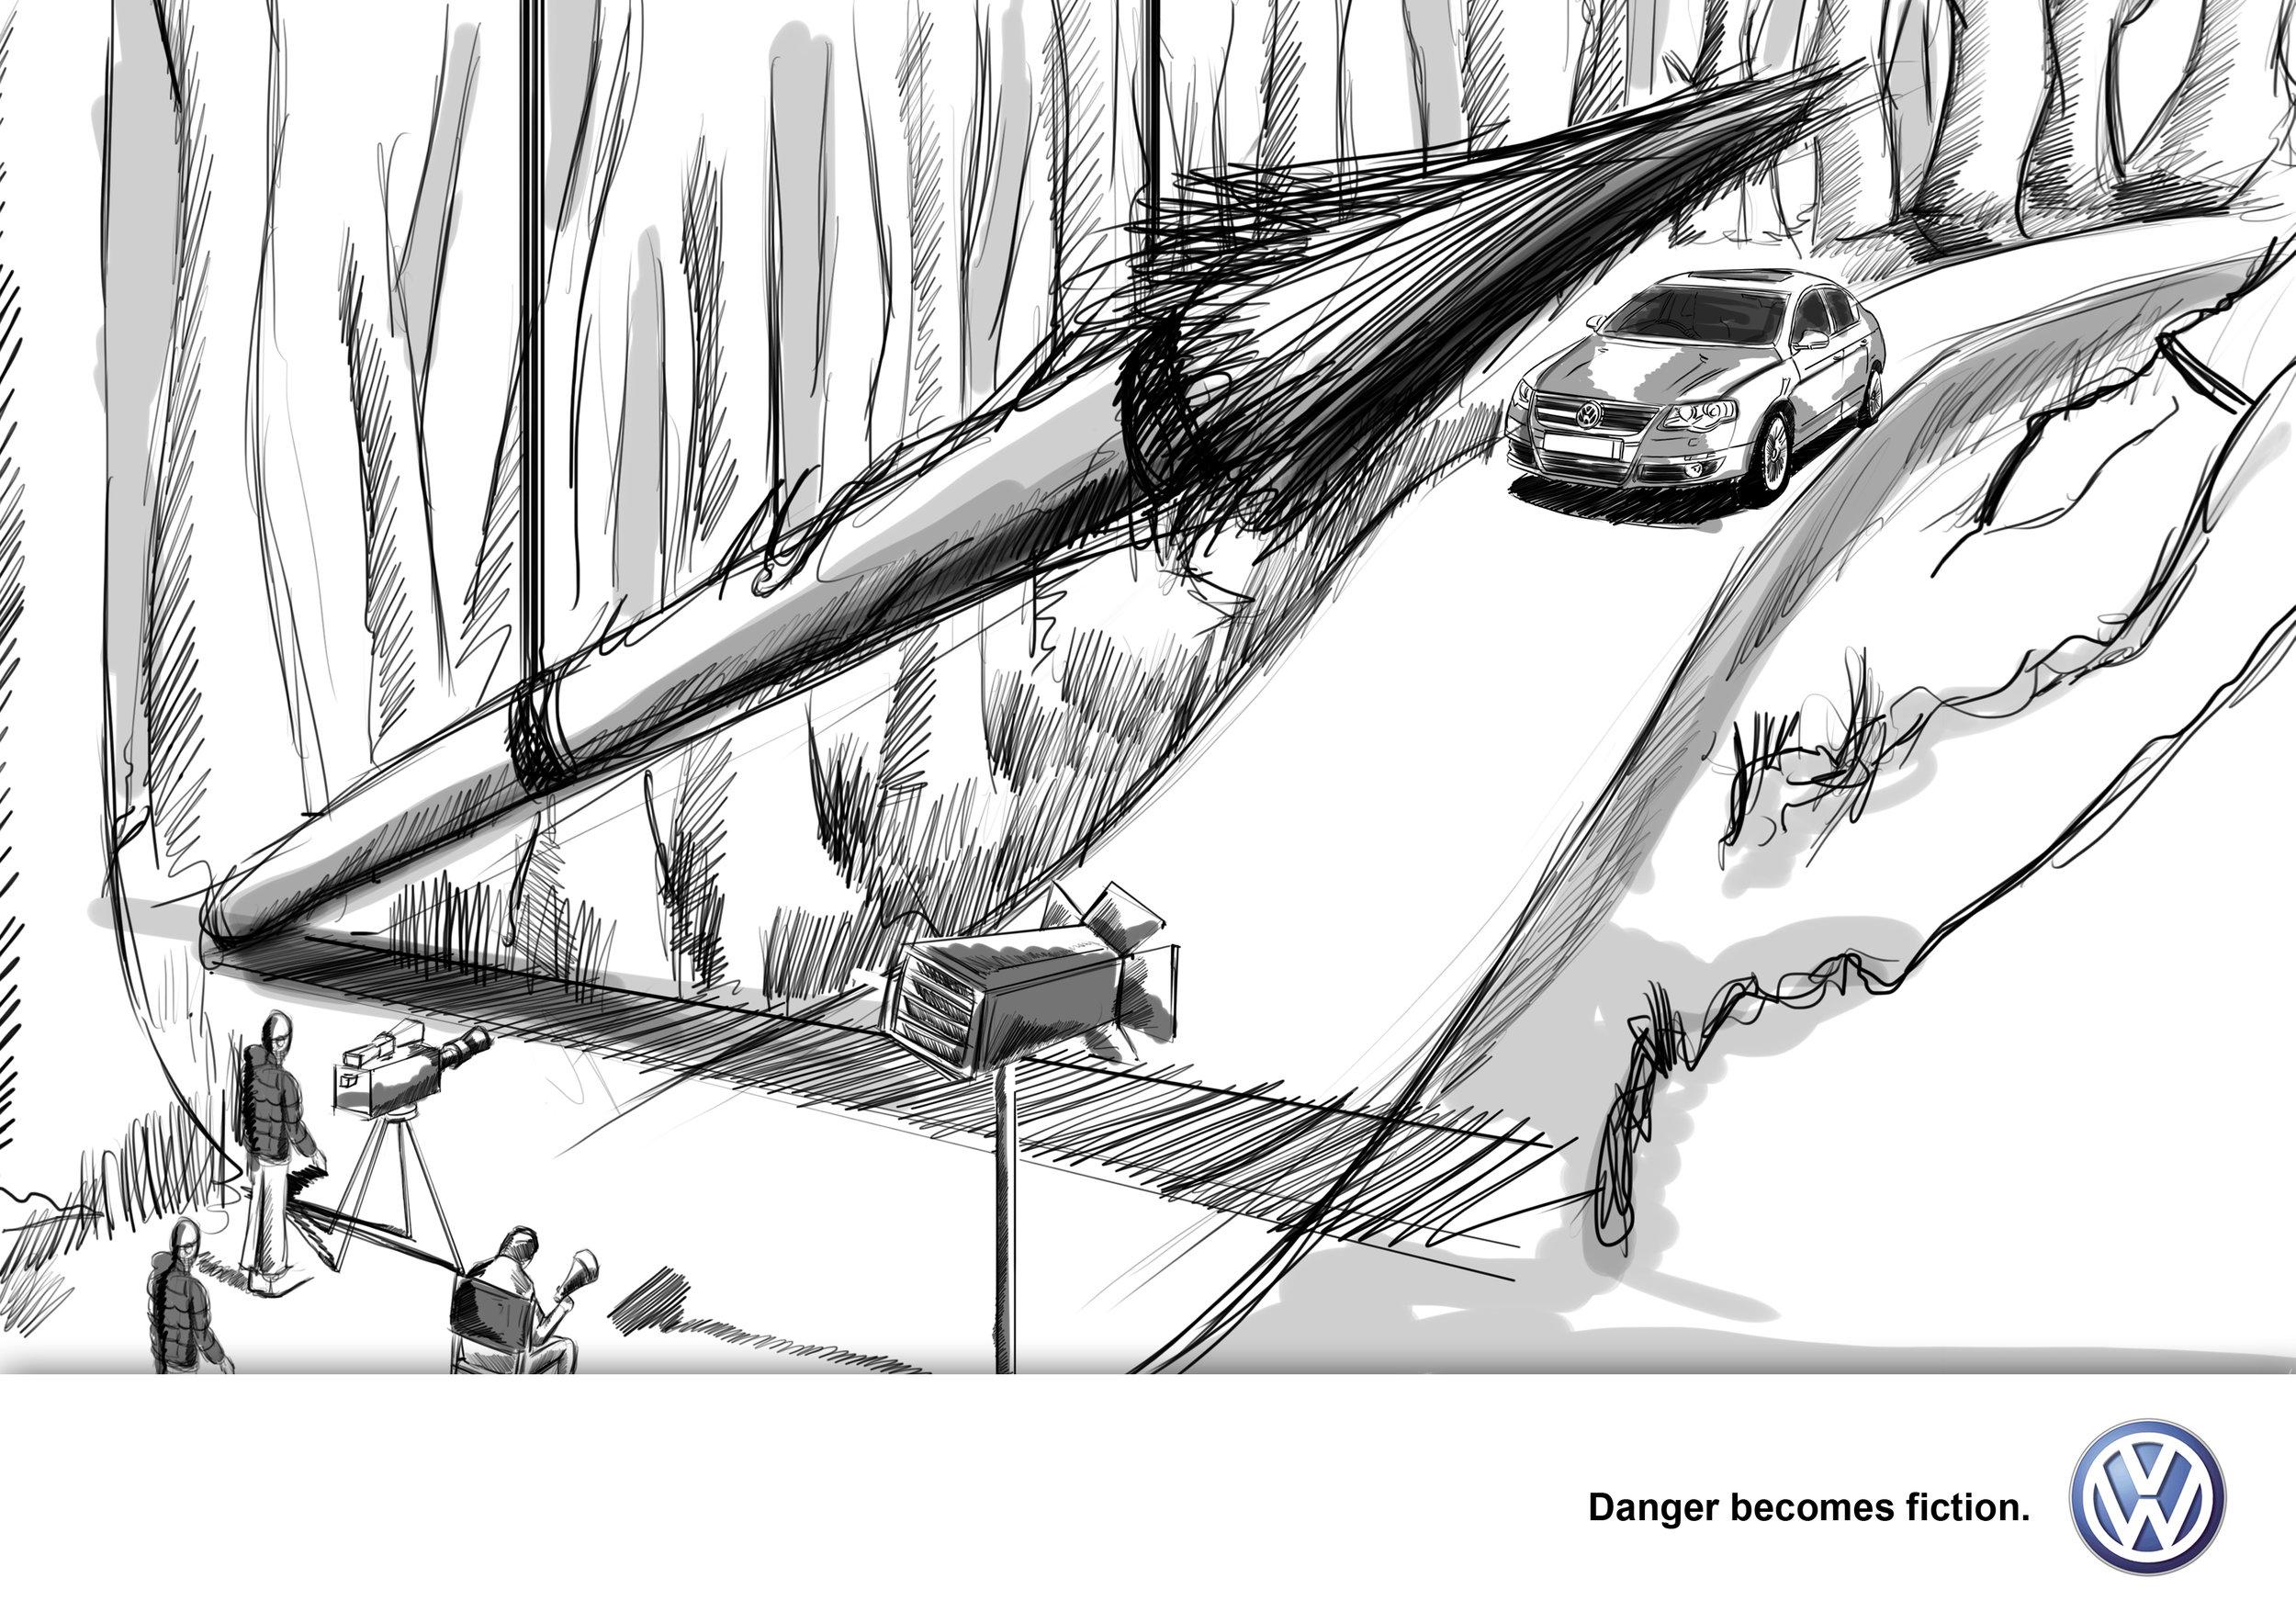 Volkswagen - danger becomes fiction.jpg